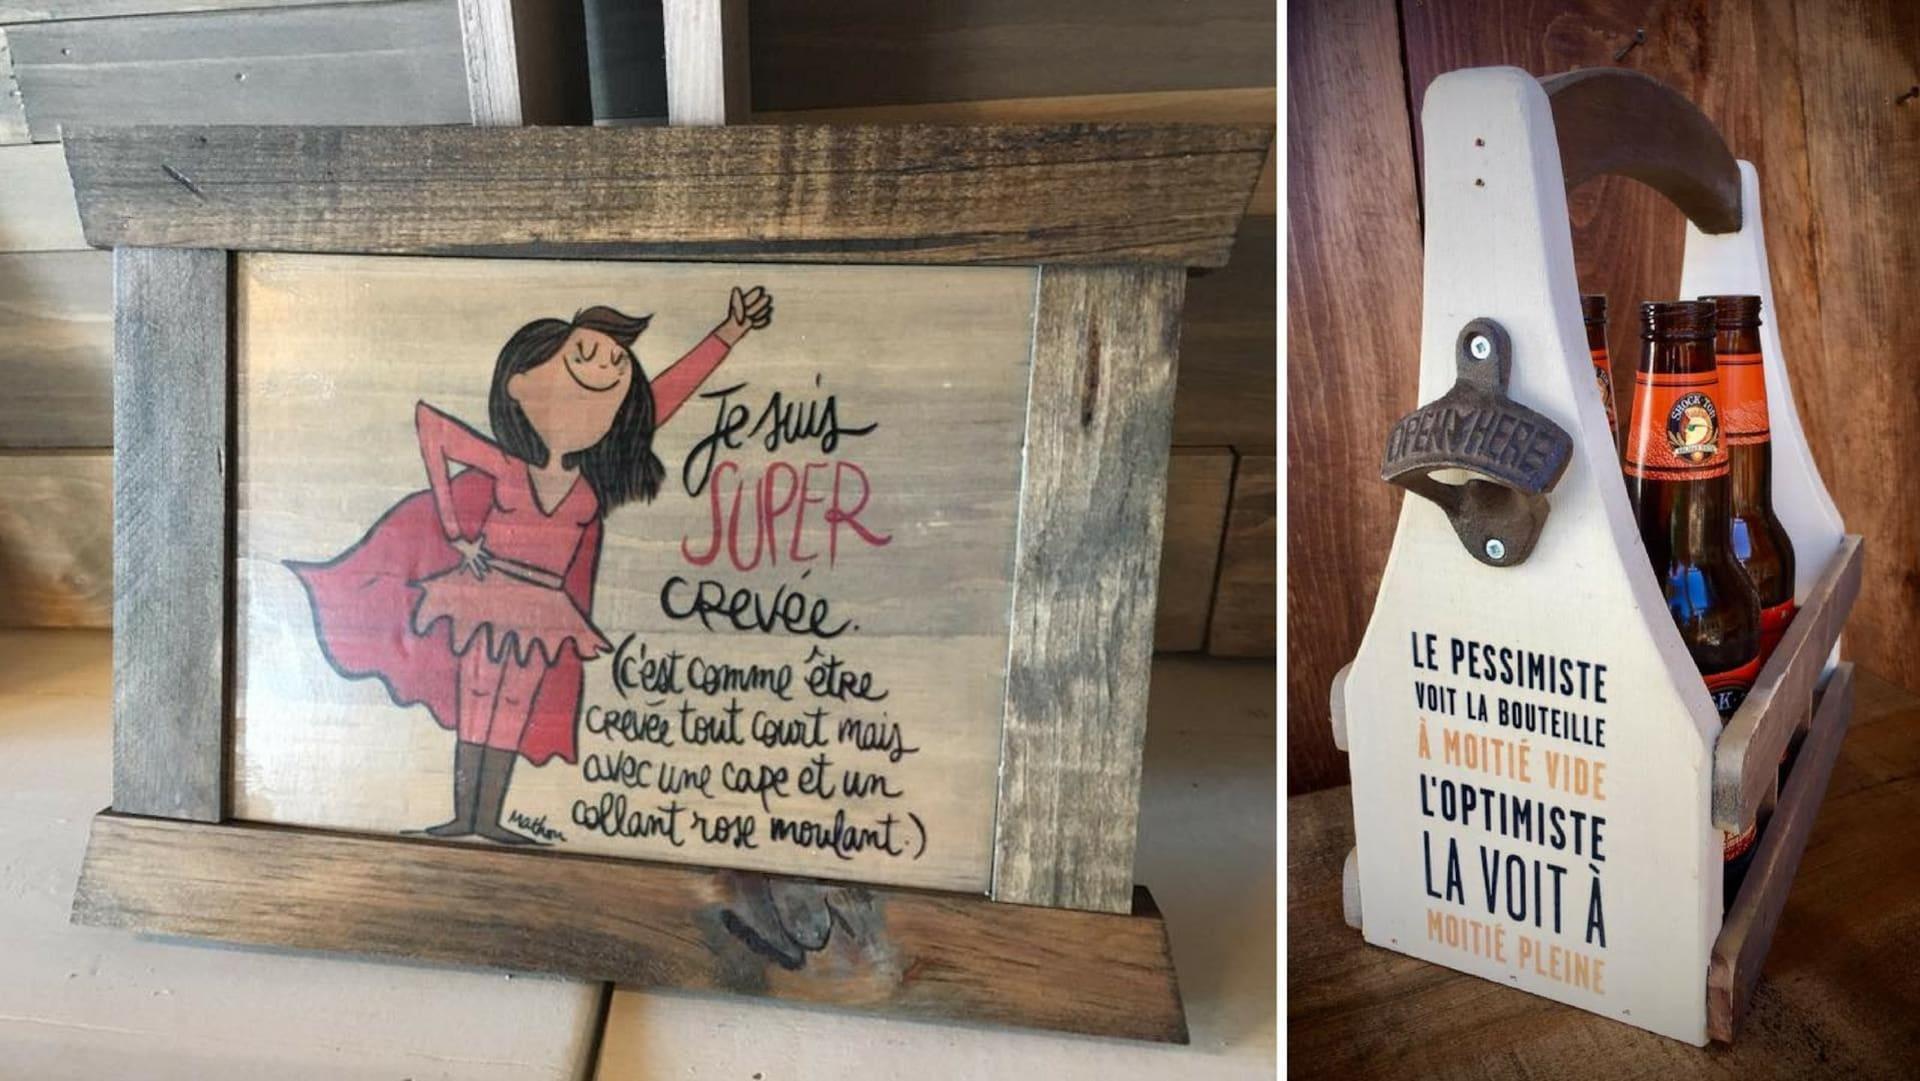 À gauche, un cadre personnalisé qui illustre une femme arborant une cape et un uniforme rose. On peut y lire : «Je suis super crevée. C'est comme être crevée tout court, mais avec une cape et un collant rose moulant.» À droite, un porte-bouteilles de bière sur lequel est inscrit : «Le pessimiste voit la bouteille à moitié vide. L'optimiste la voit à moitié pleine.»